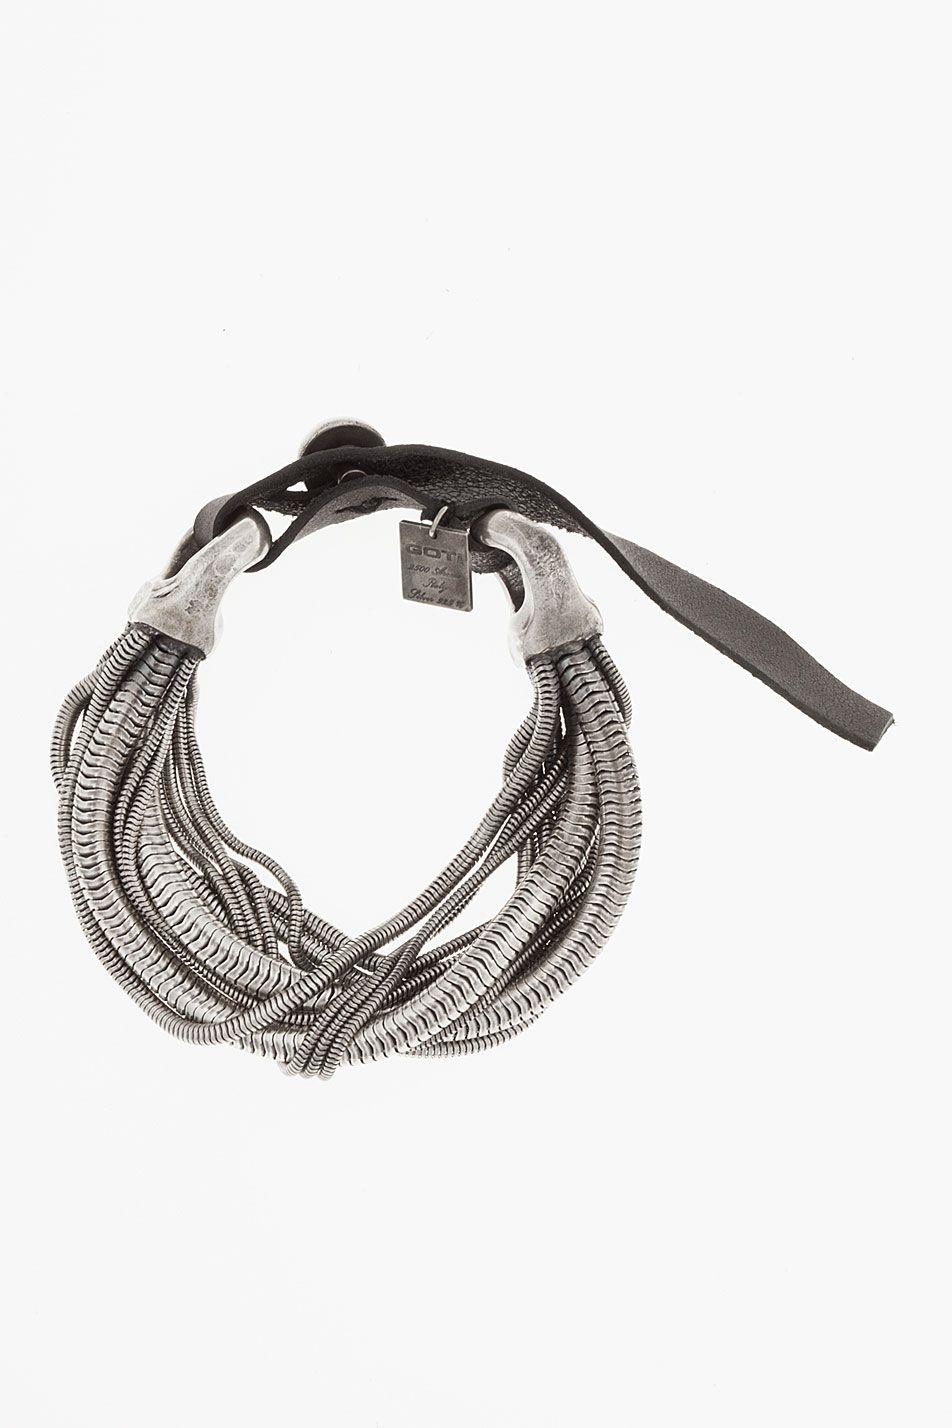 JEWELLERY - Bracelets Goti Sfdiz2y8